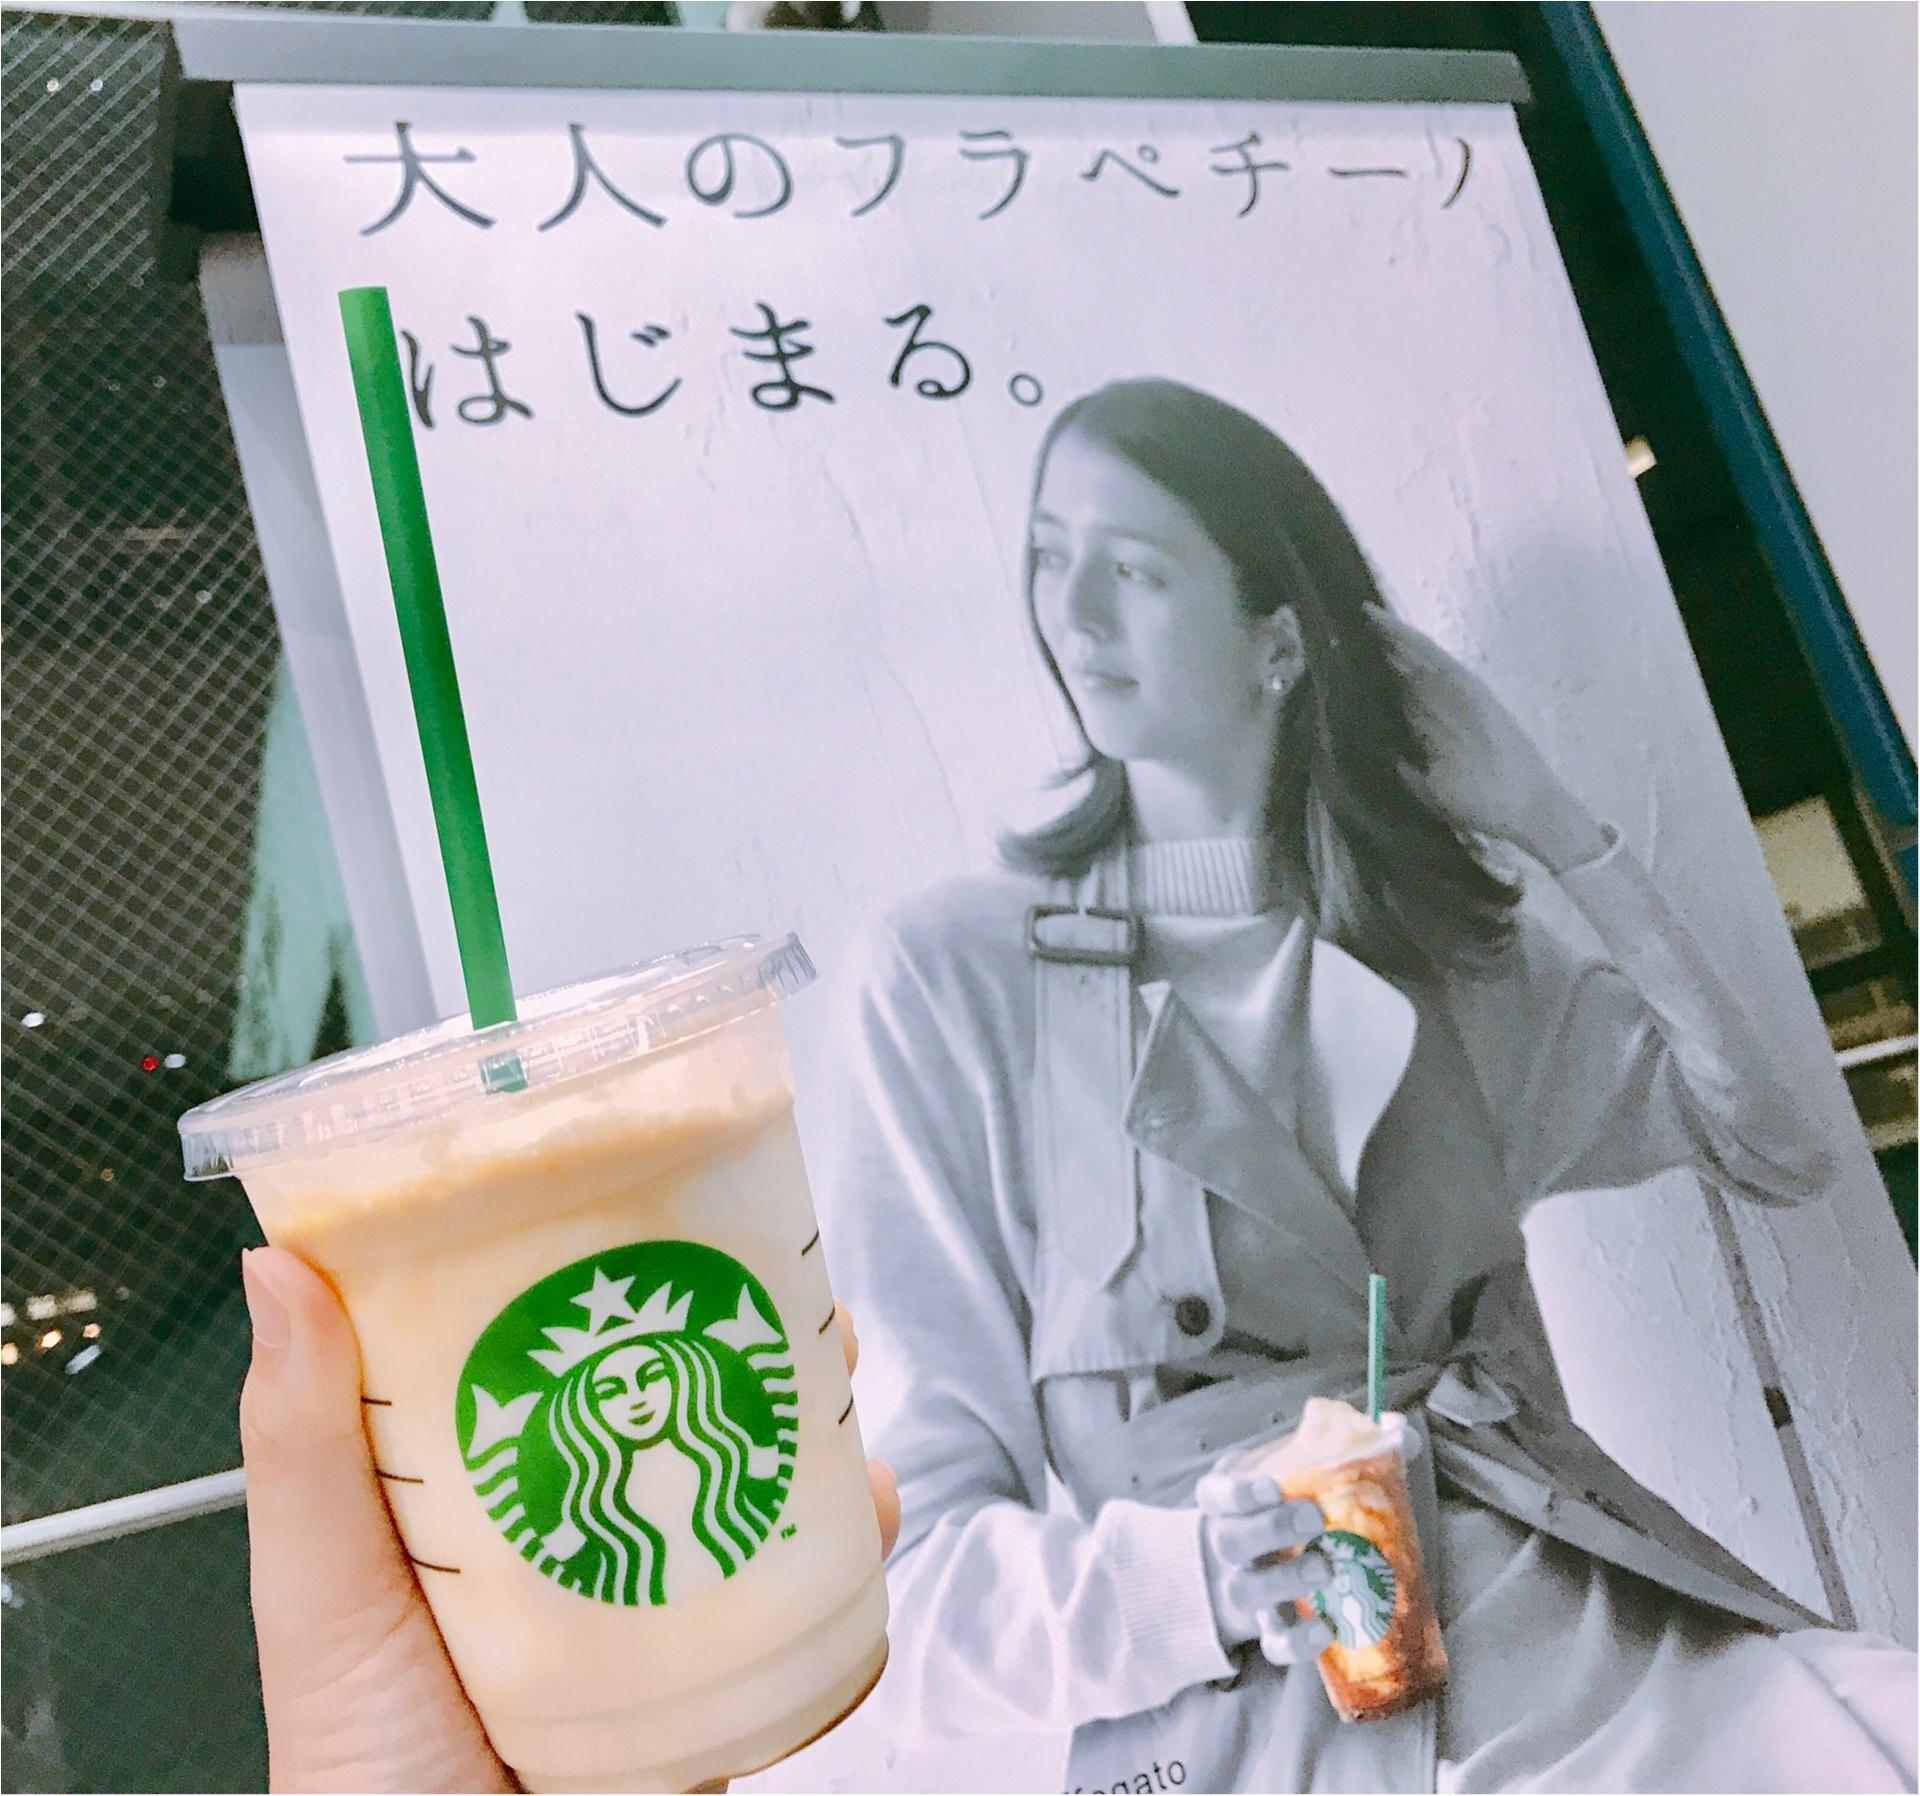 【スタバ】コーヒー好きにはたまらない!スタバ至上最もエスプレッソ感の強い《エスプレッソ アフォガート フラペチーノ》が新登場❤︎なんと今回は全サイズ対応!カロリーが気になる方も◎_1